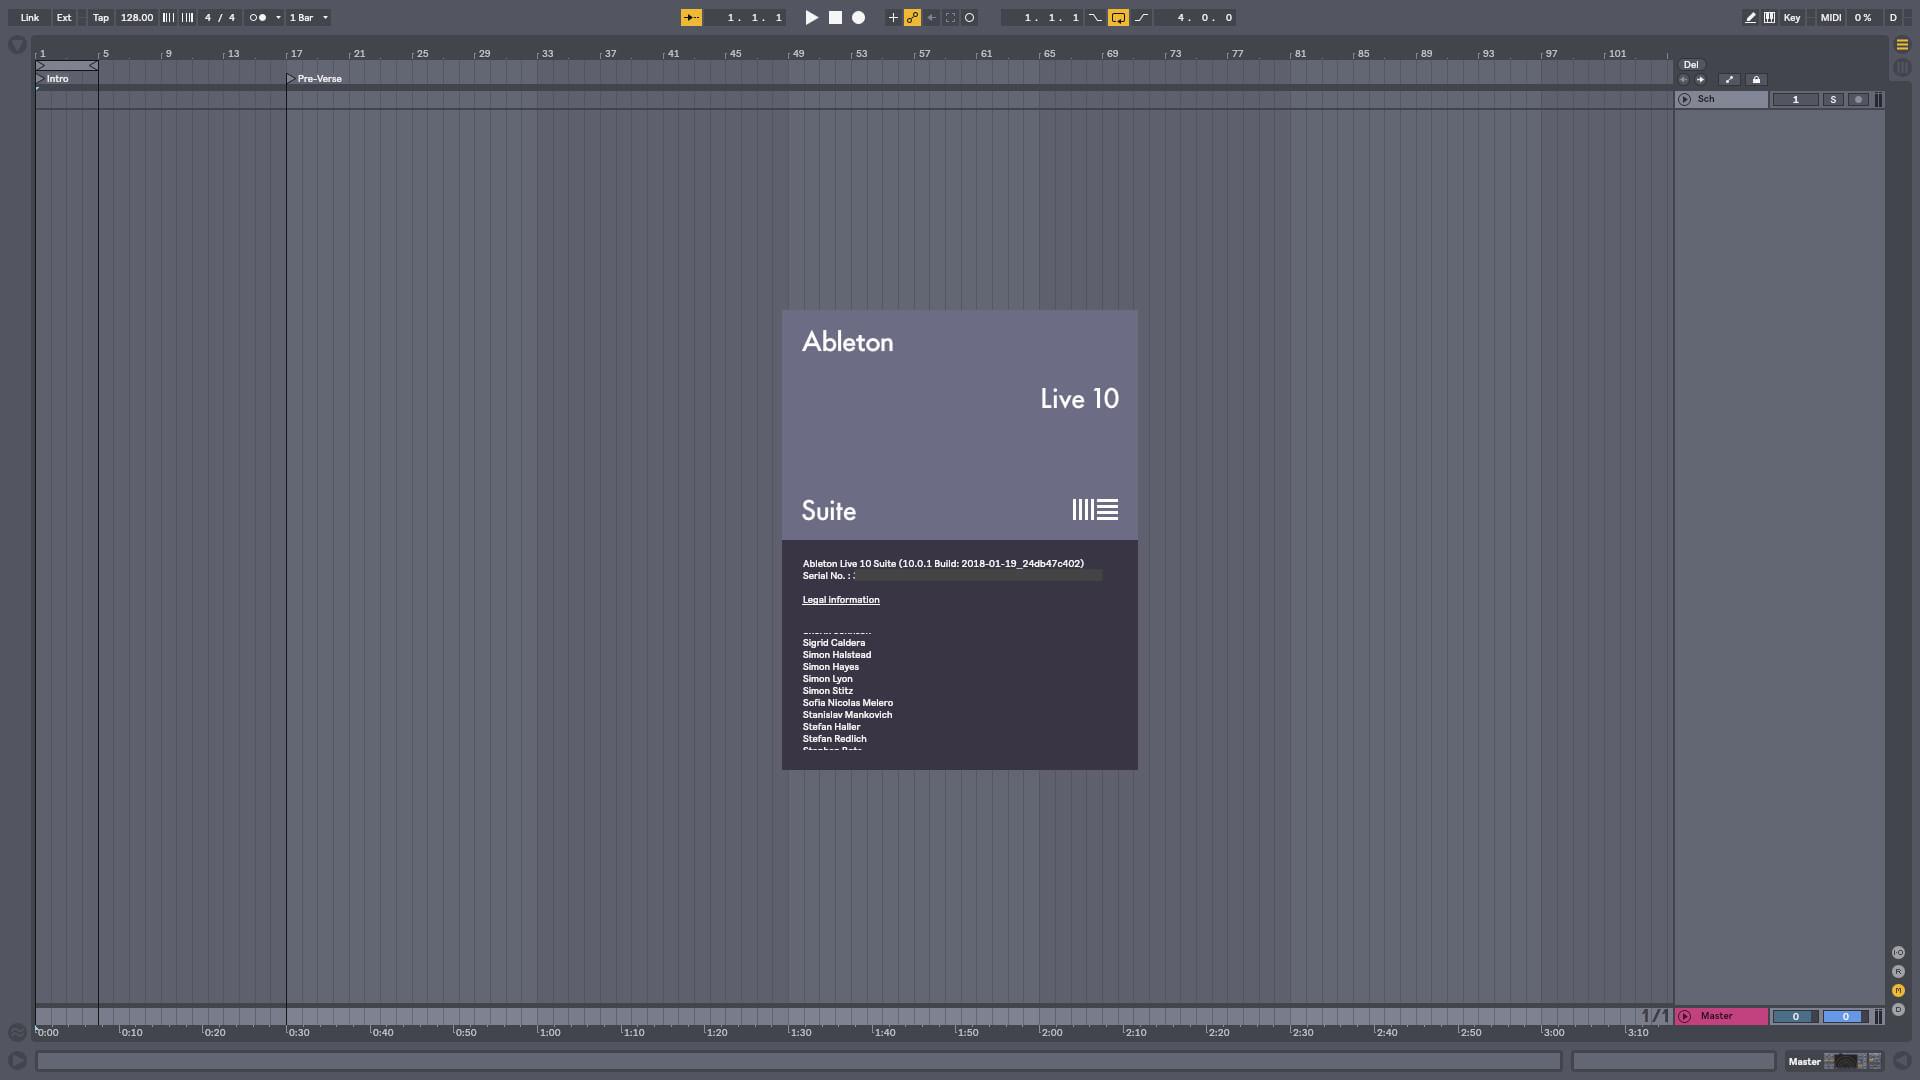 Ableton-Live-10-Suite-10.1.30